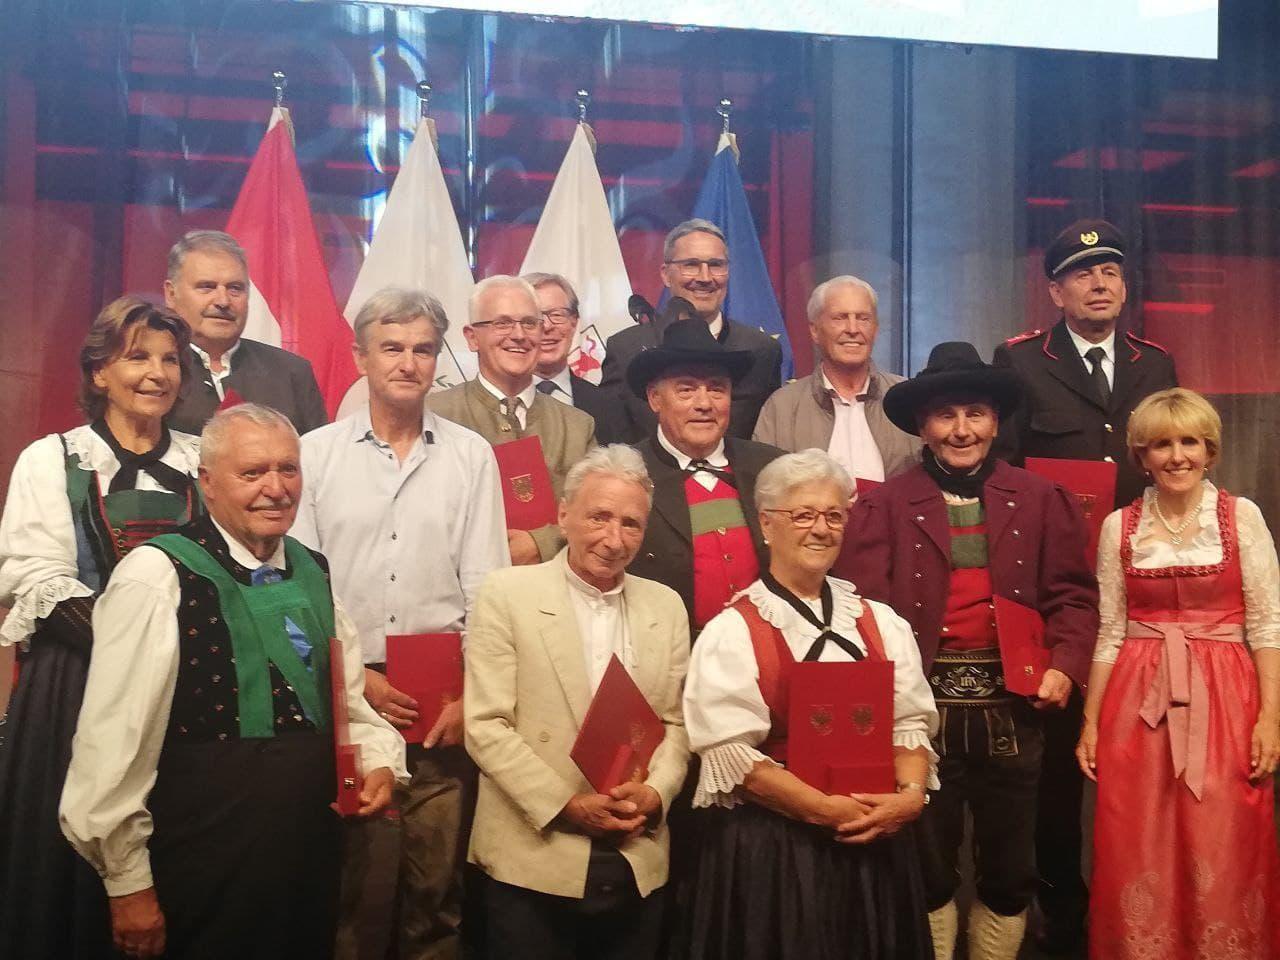 Toni Auer Tiroler Verdienstmedaille 2021